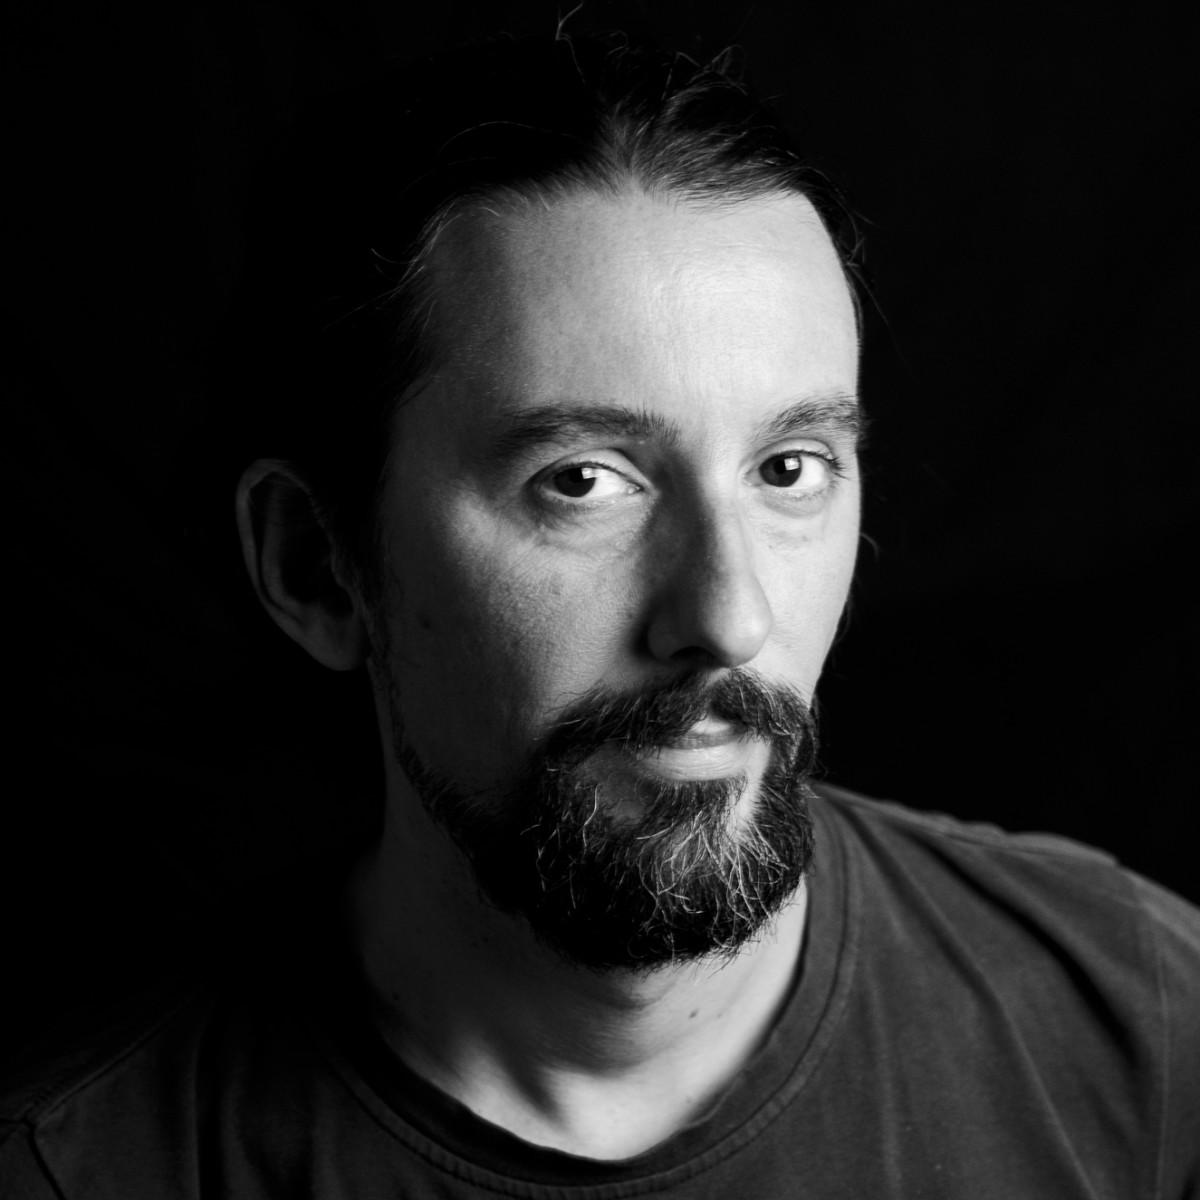 Alessandro Riccomini